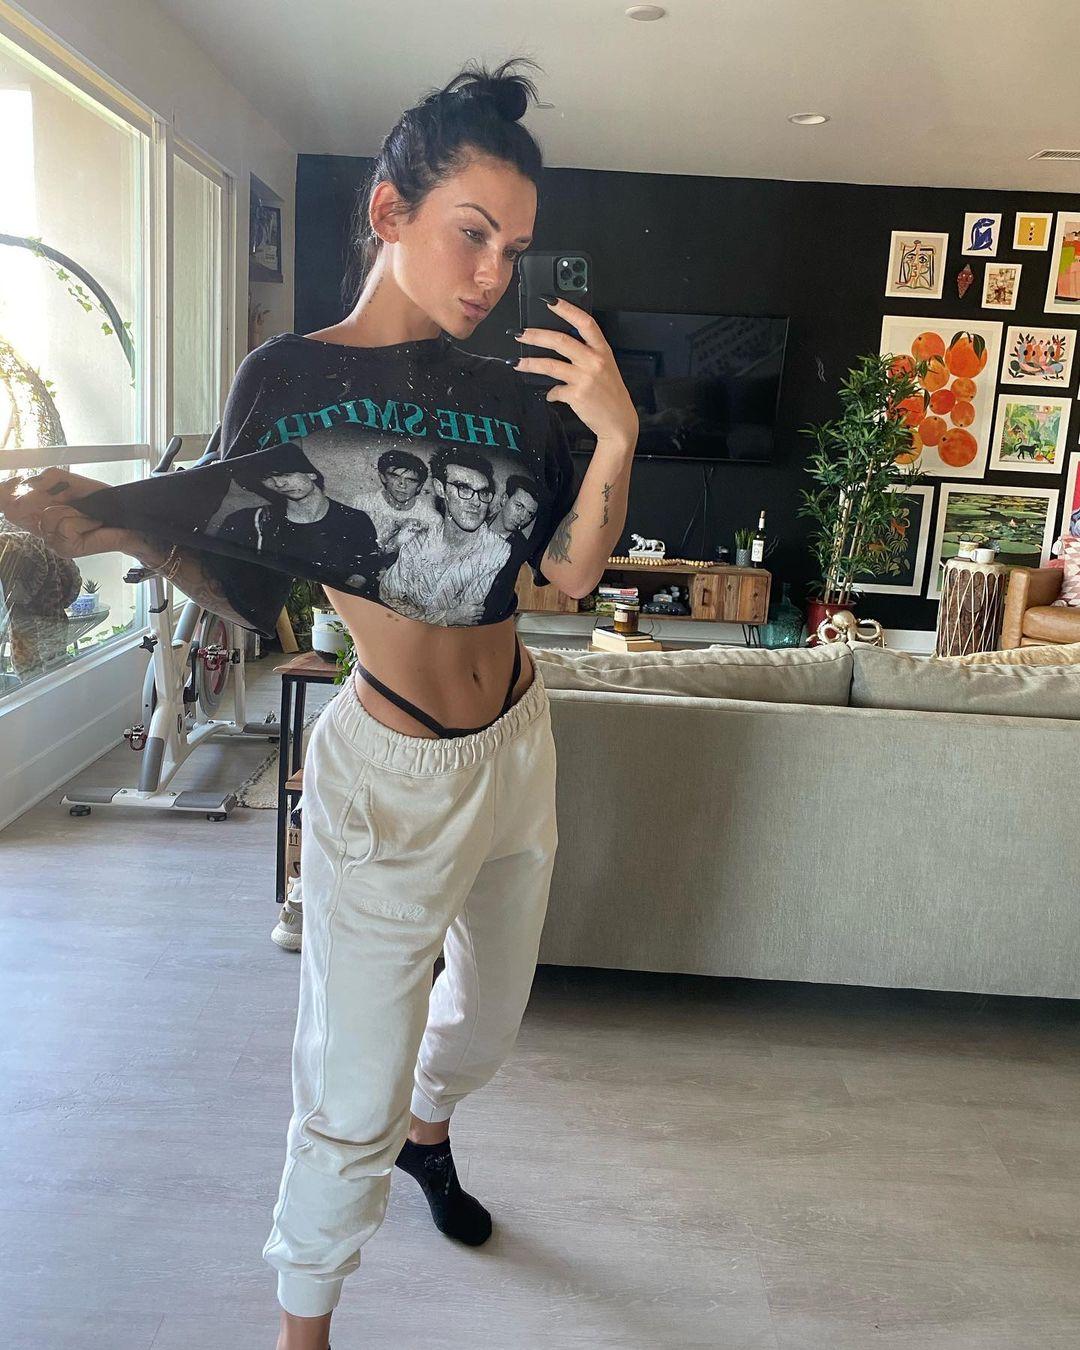 Kayla-Lauren-Wallpapers-Insta-Biography-3